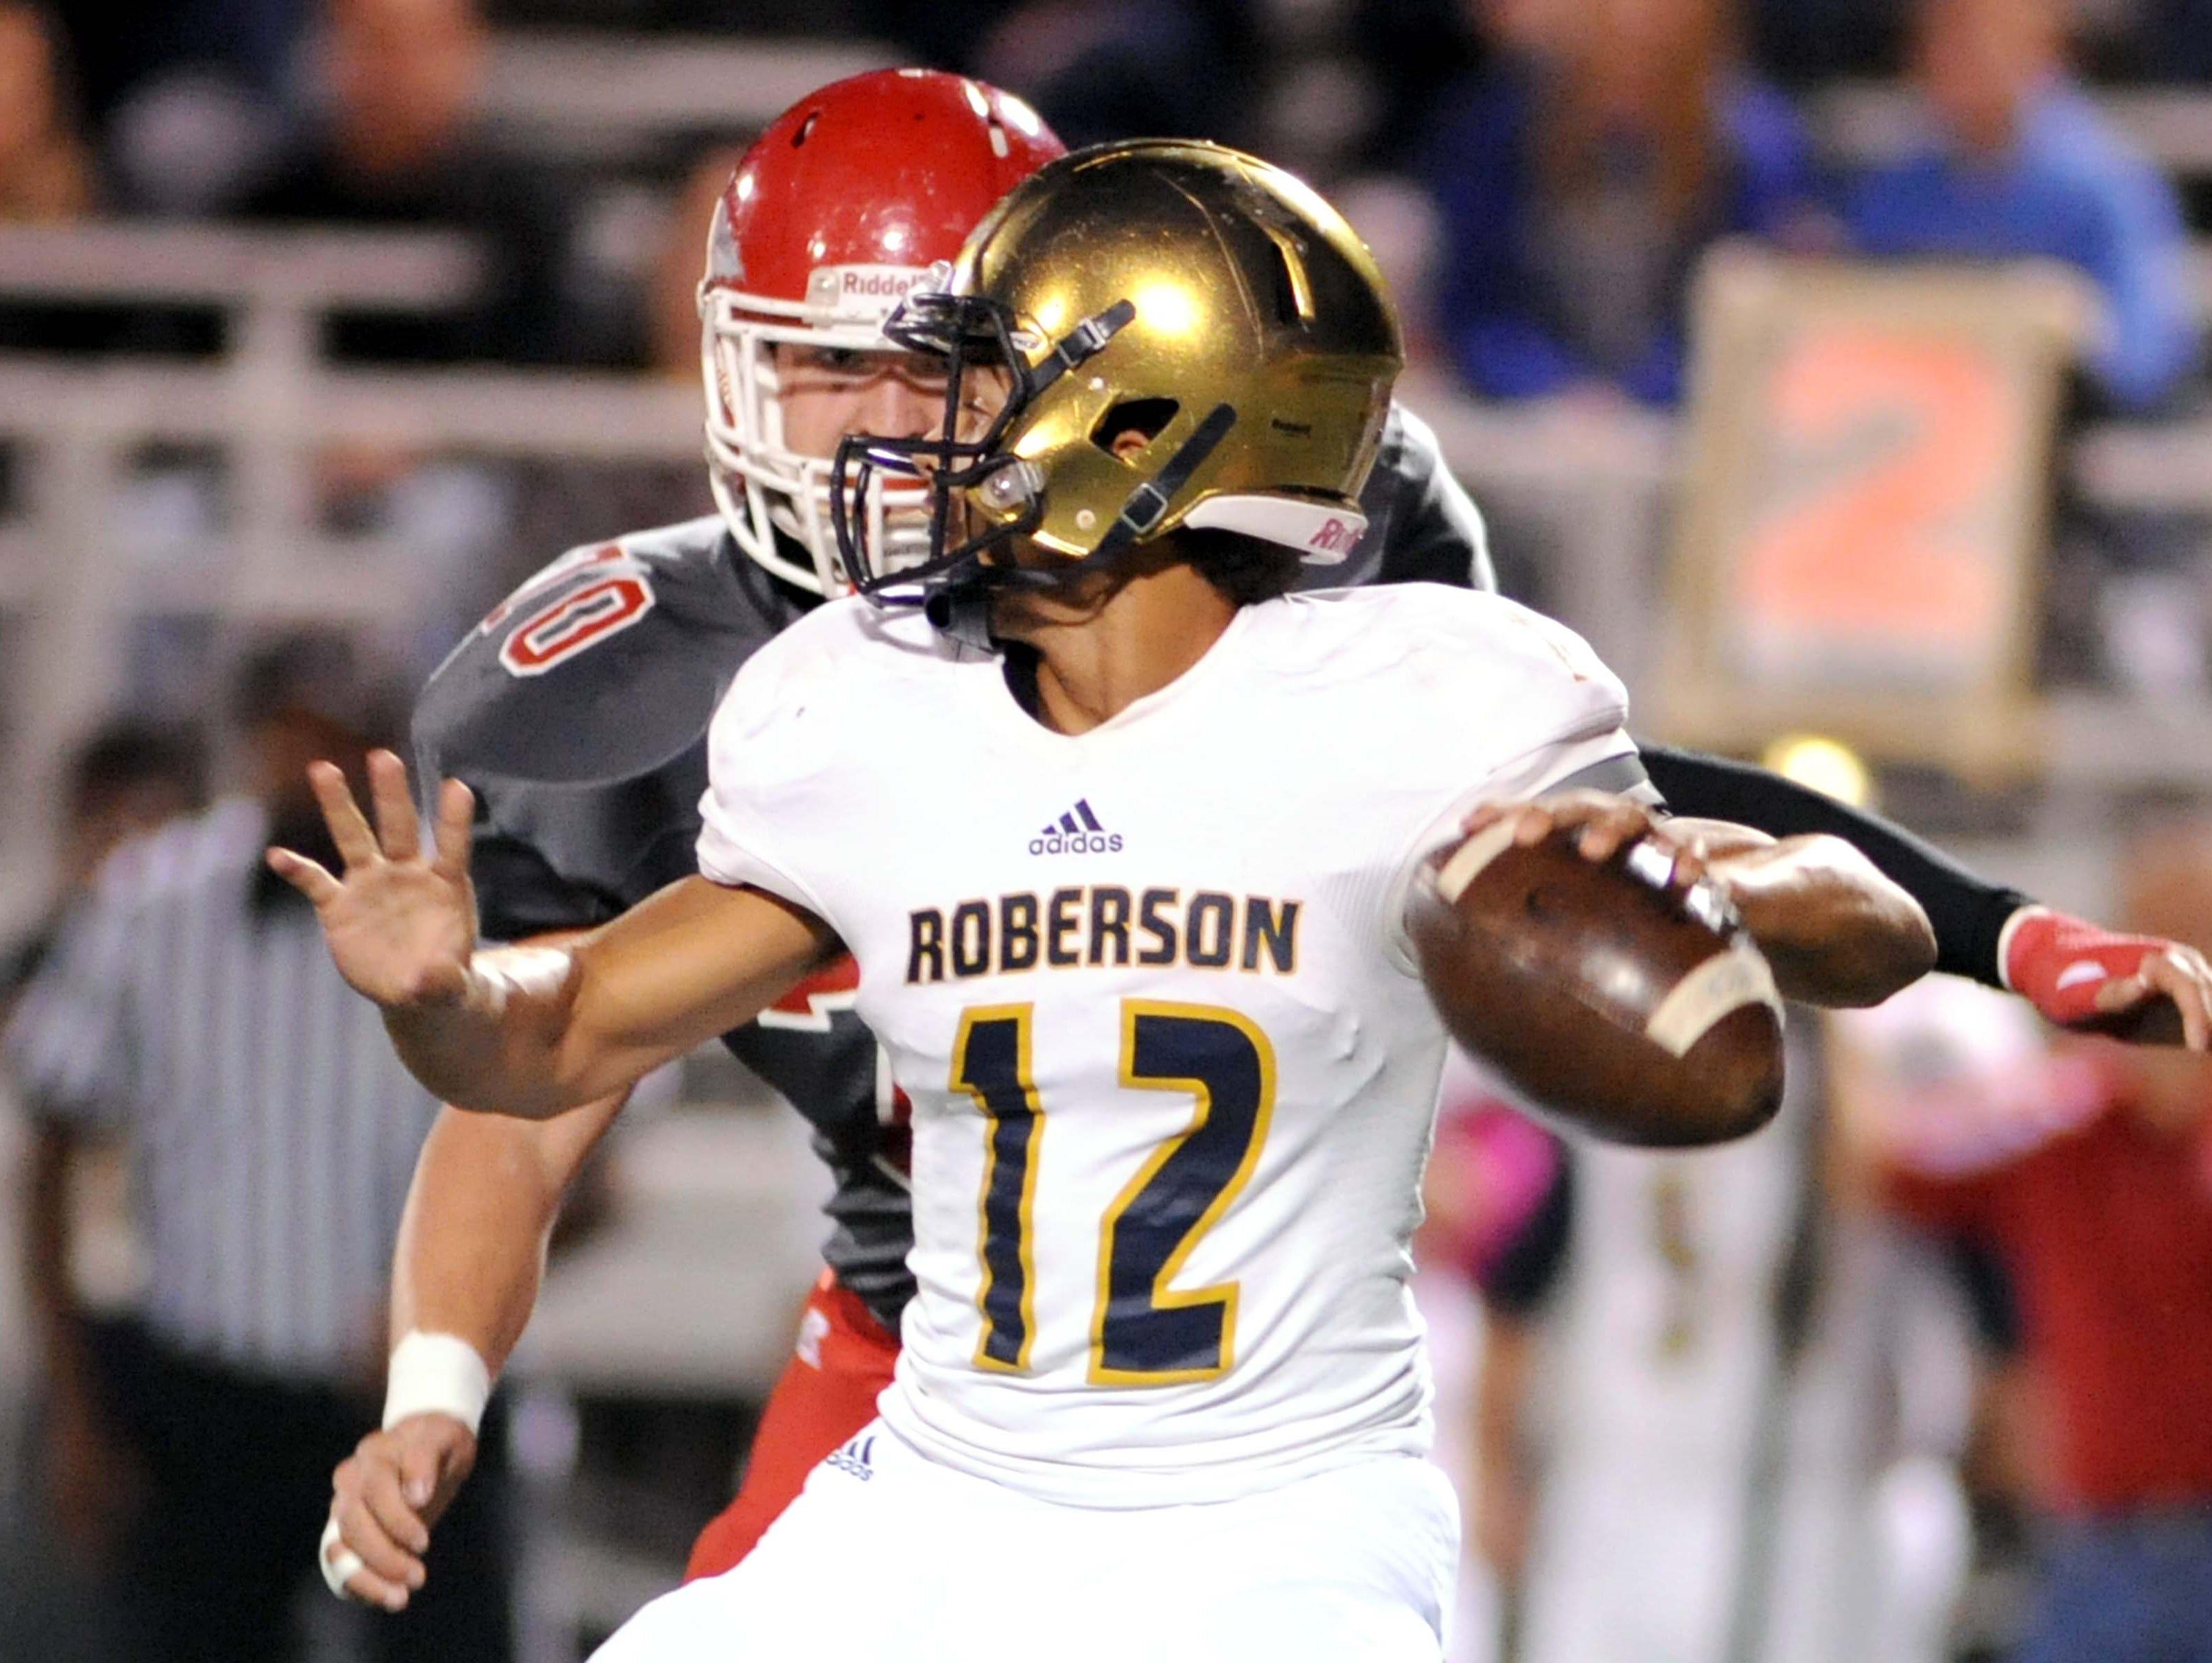 Roberson football player Chris Barnwell (12).